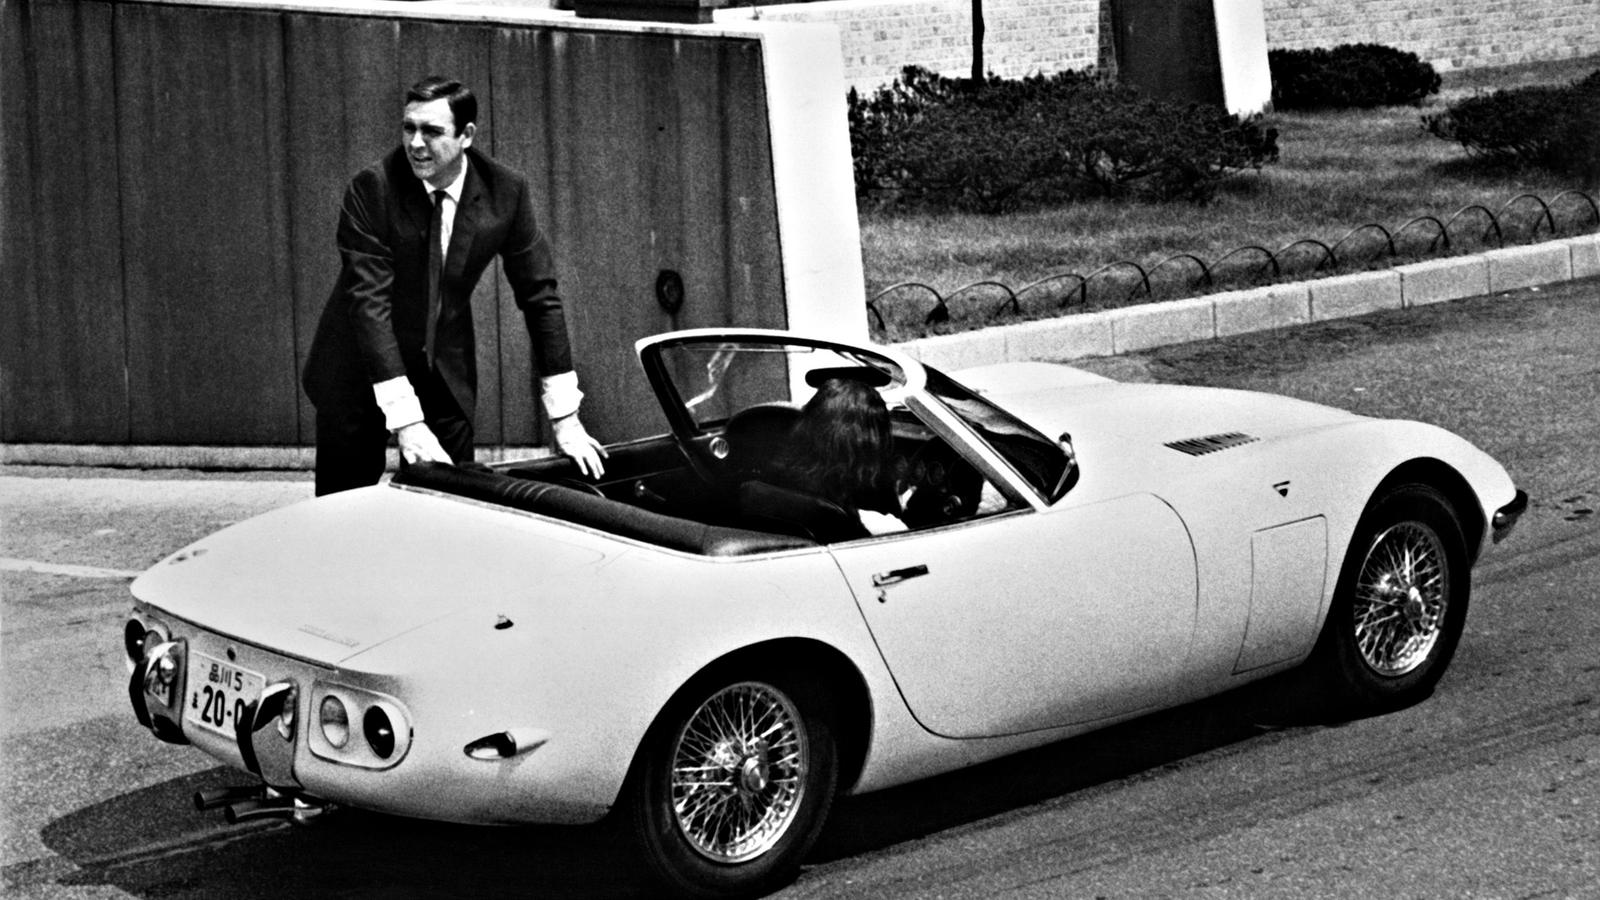 Самые крутые авто Джеймса Бонда в исполнении Шона Коннери